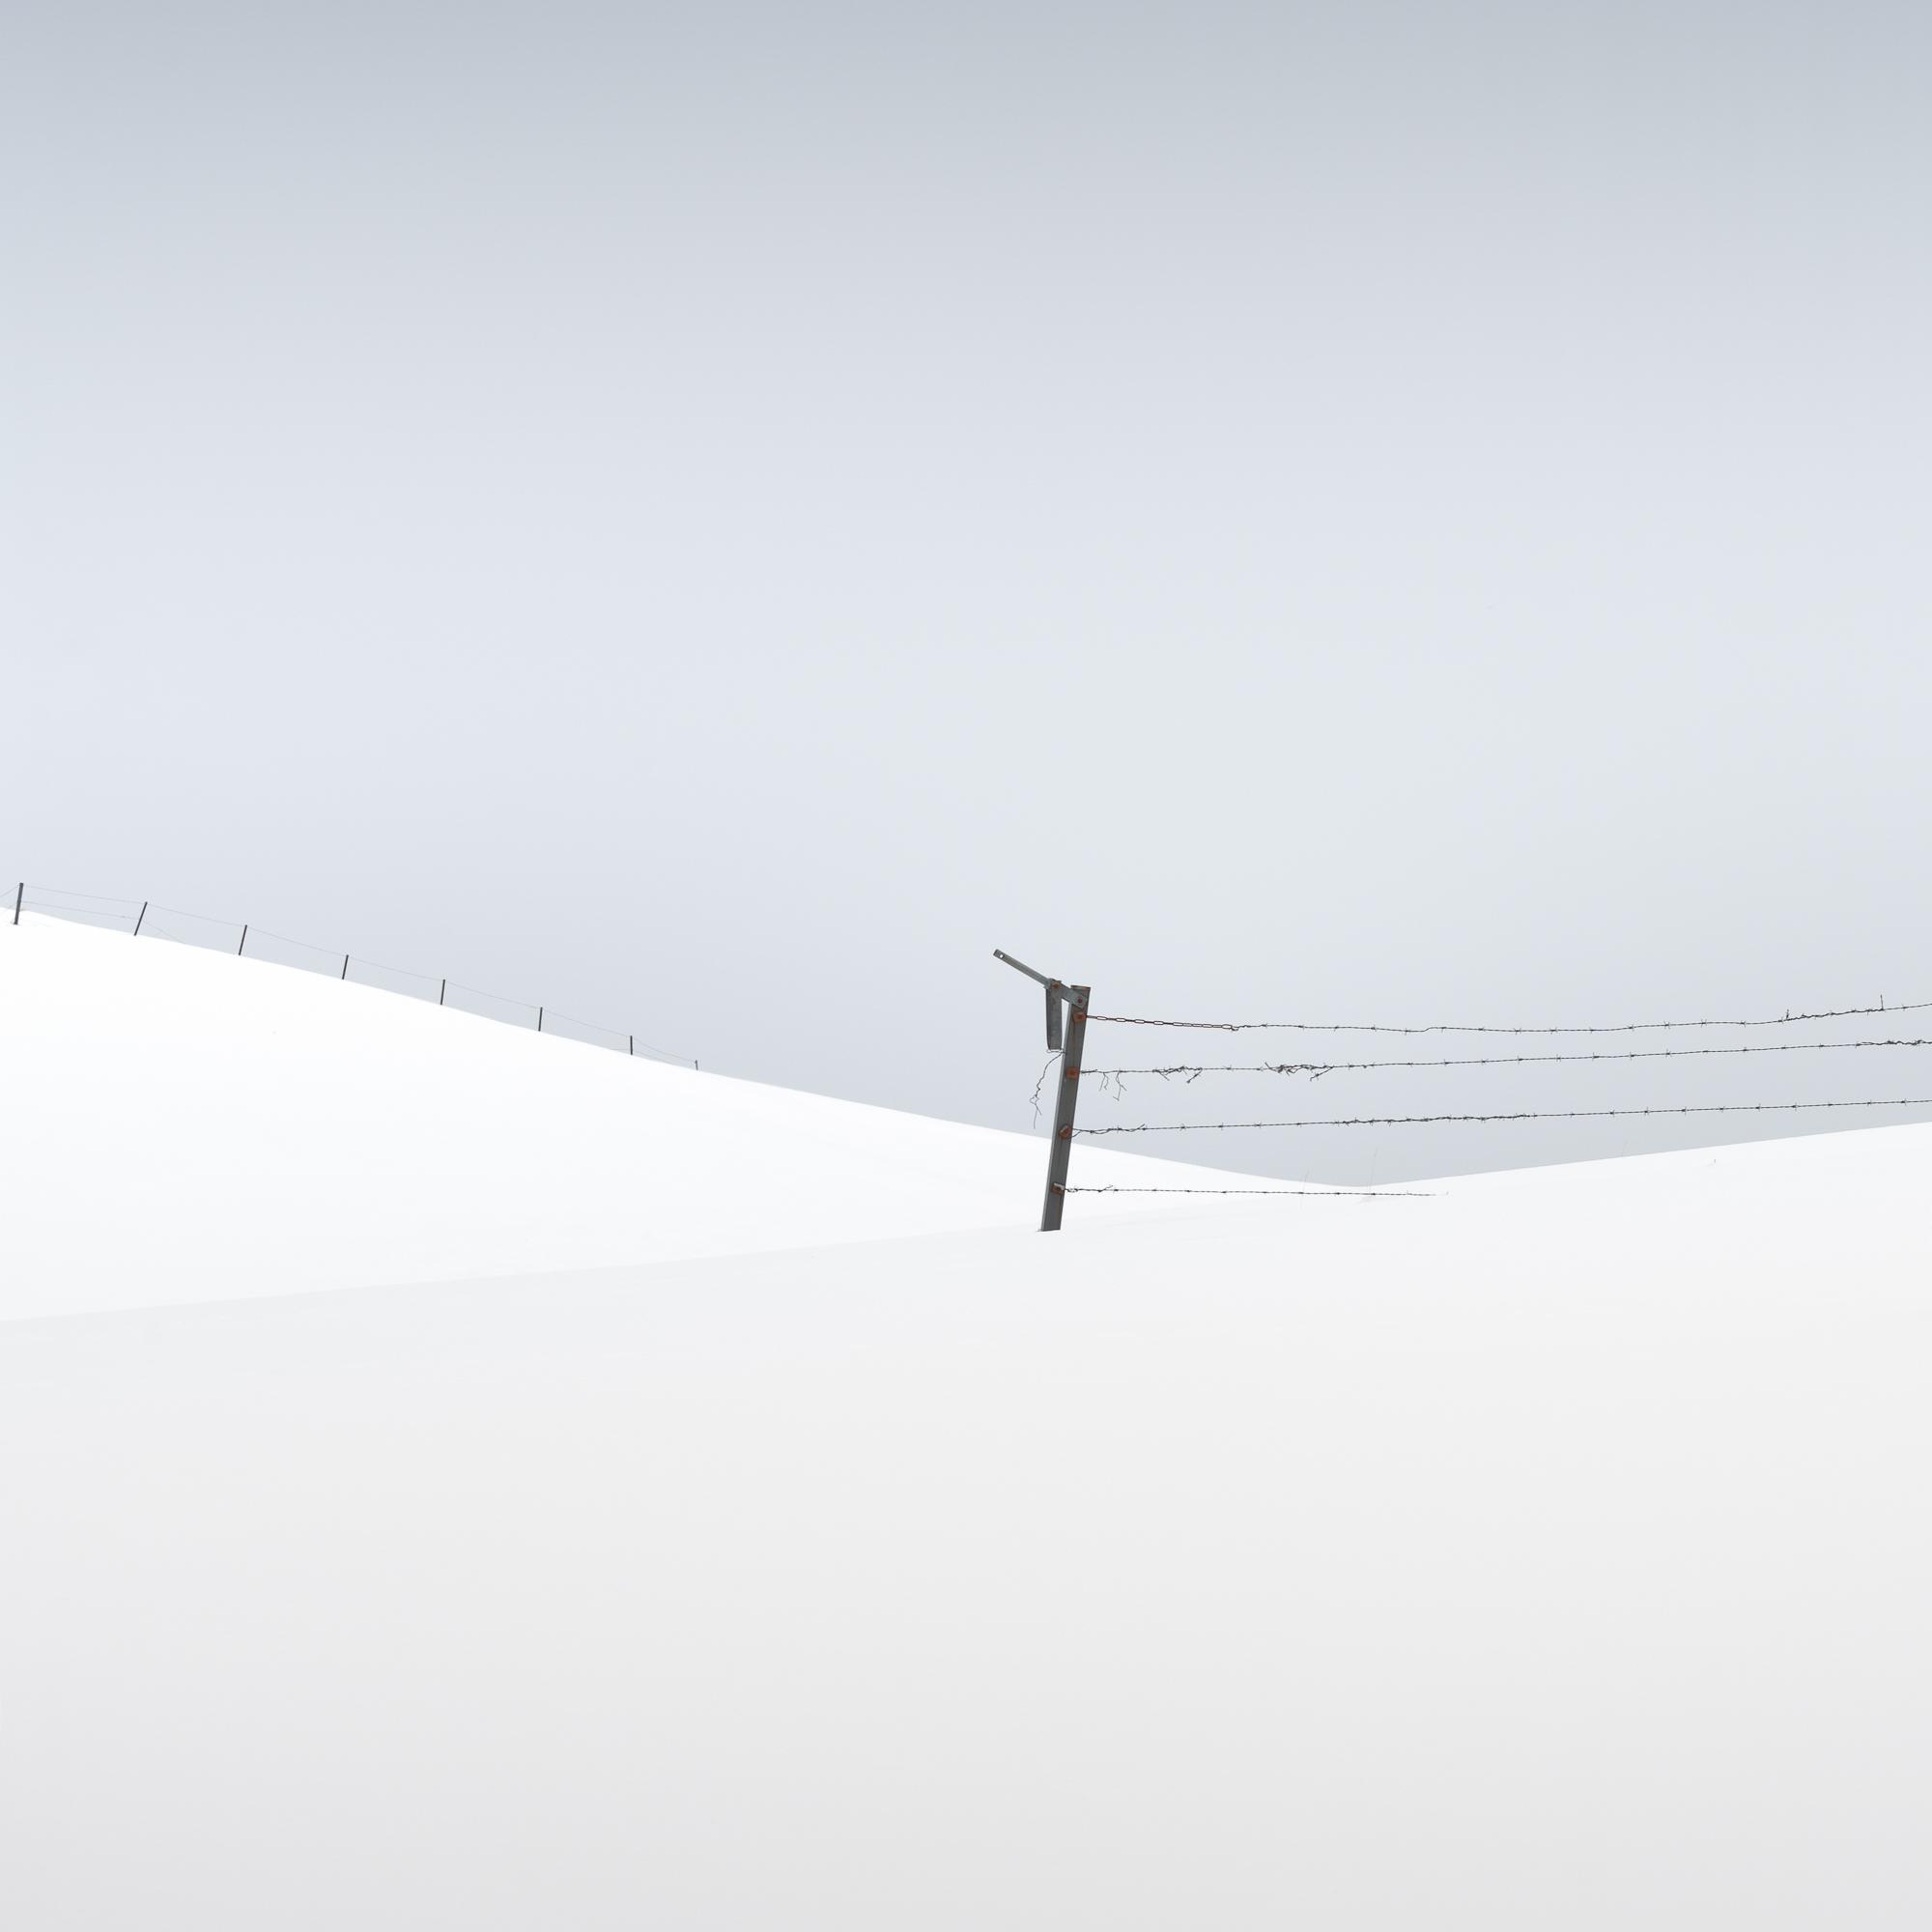 Old Fence, Hokkaido